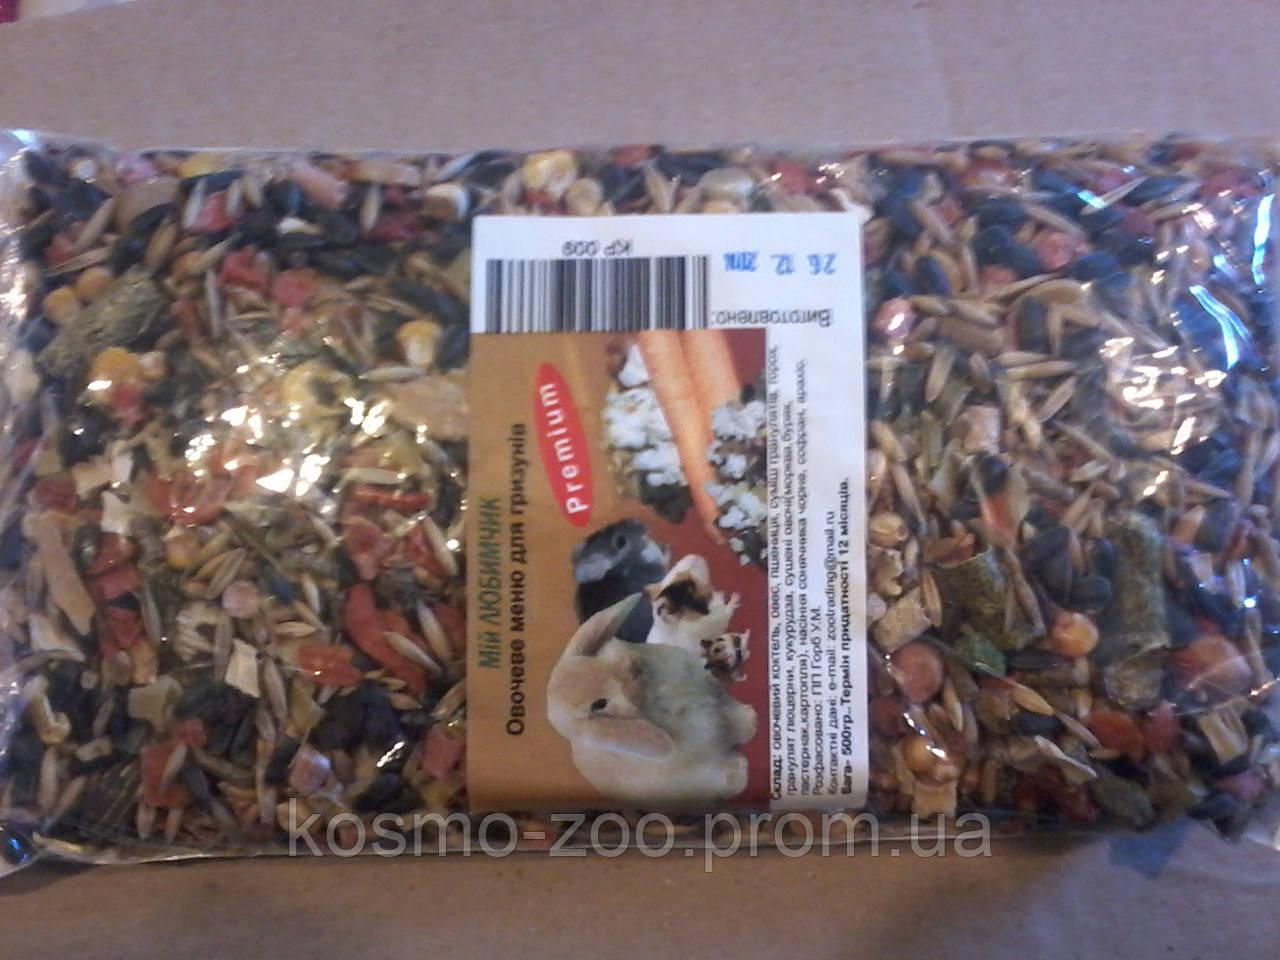 Корм для всех грызунов Мой Любимчик Премиум Овощное меню, 600 гр